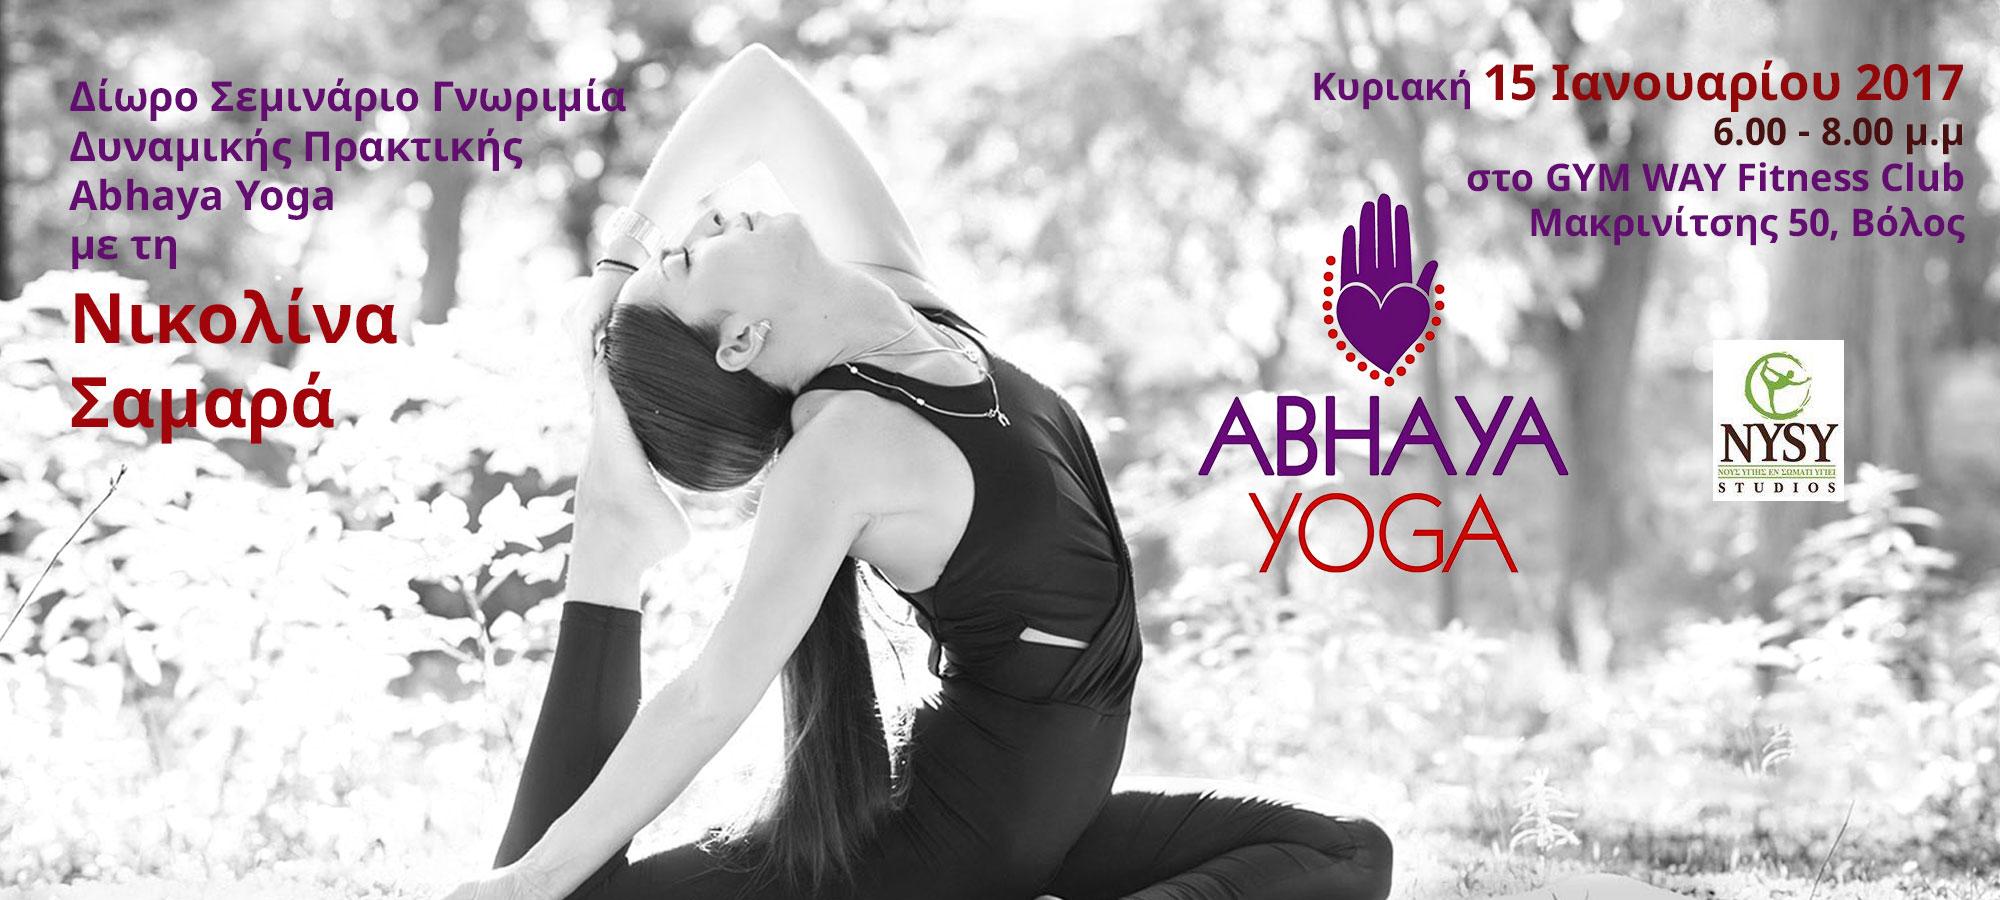 Σεμινάριο Abhaya yoga στο Gym Way!